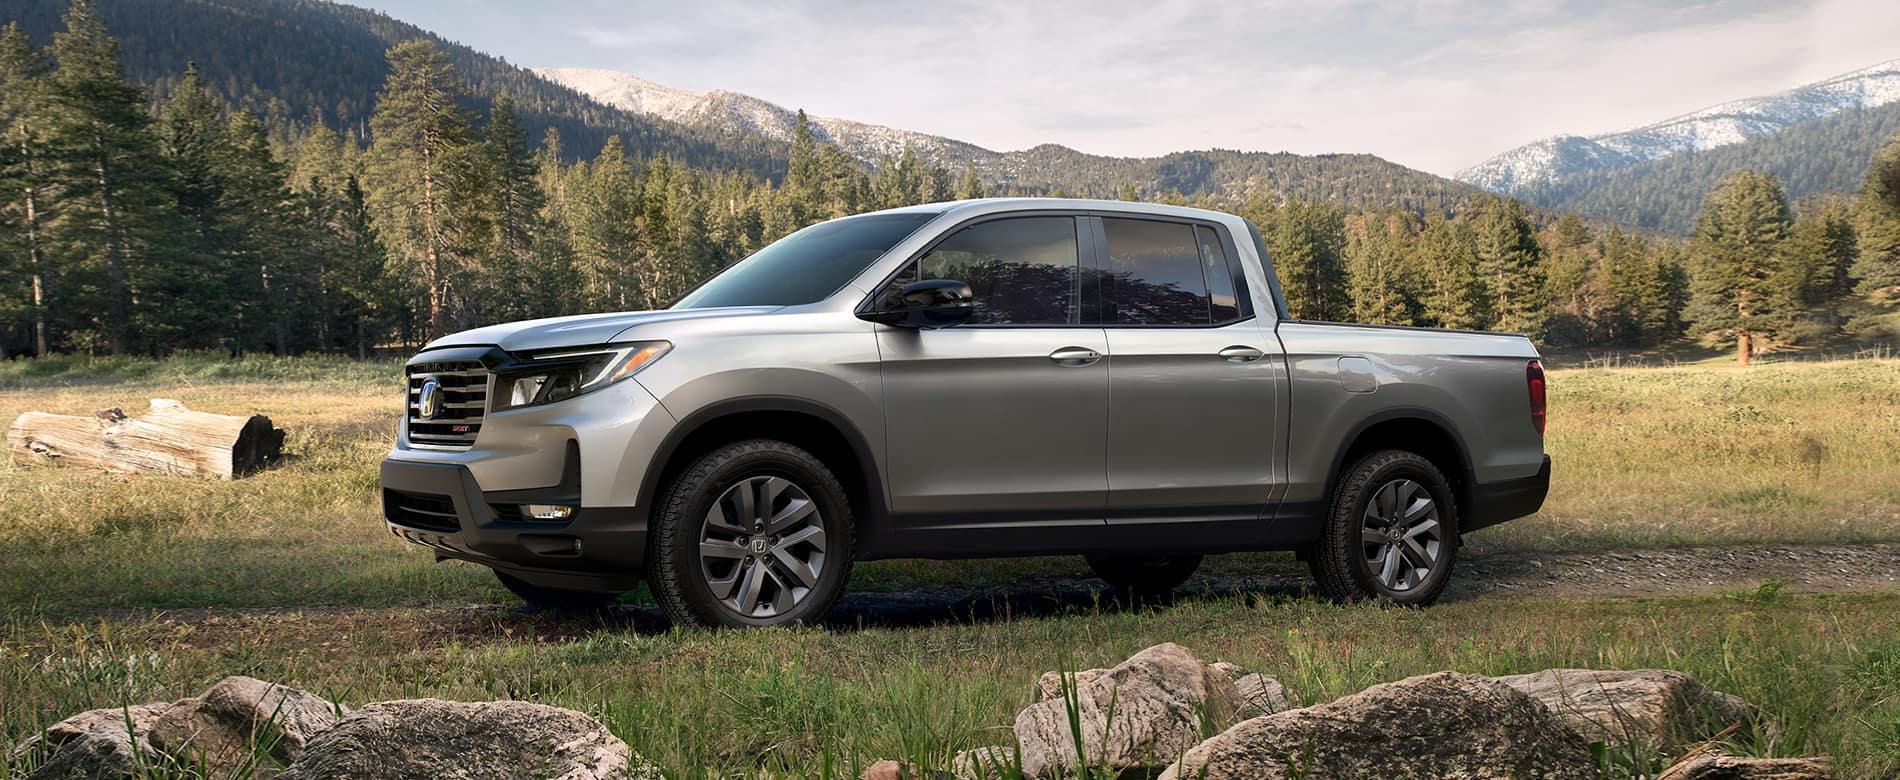 New Honda Trucks at Kuni Honda on Arapahoe Colorado